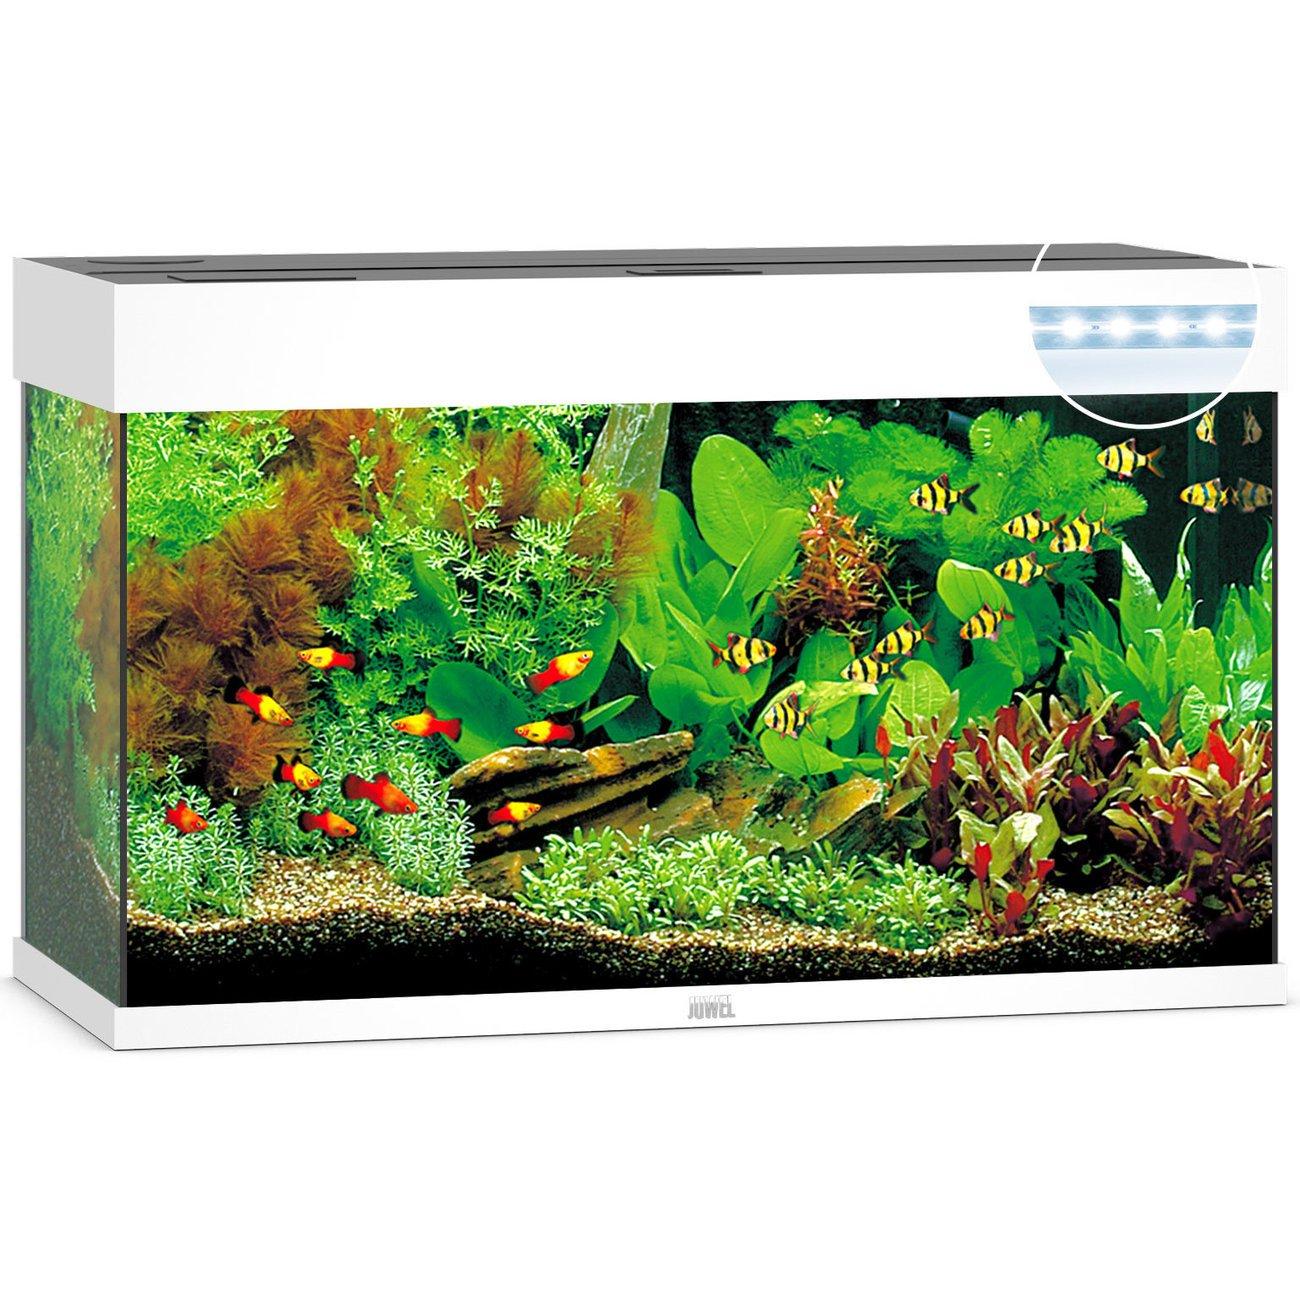 Juwel Rio 125 LED Aquarium, Bild 4